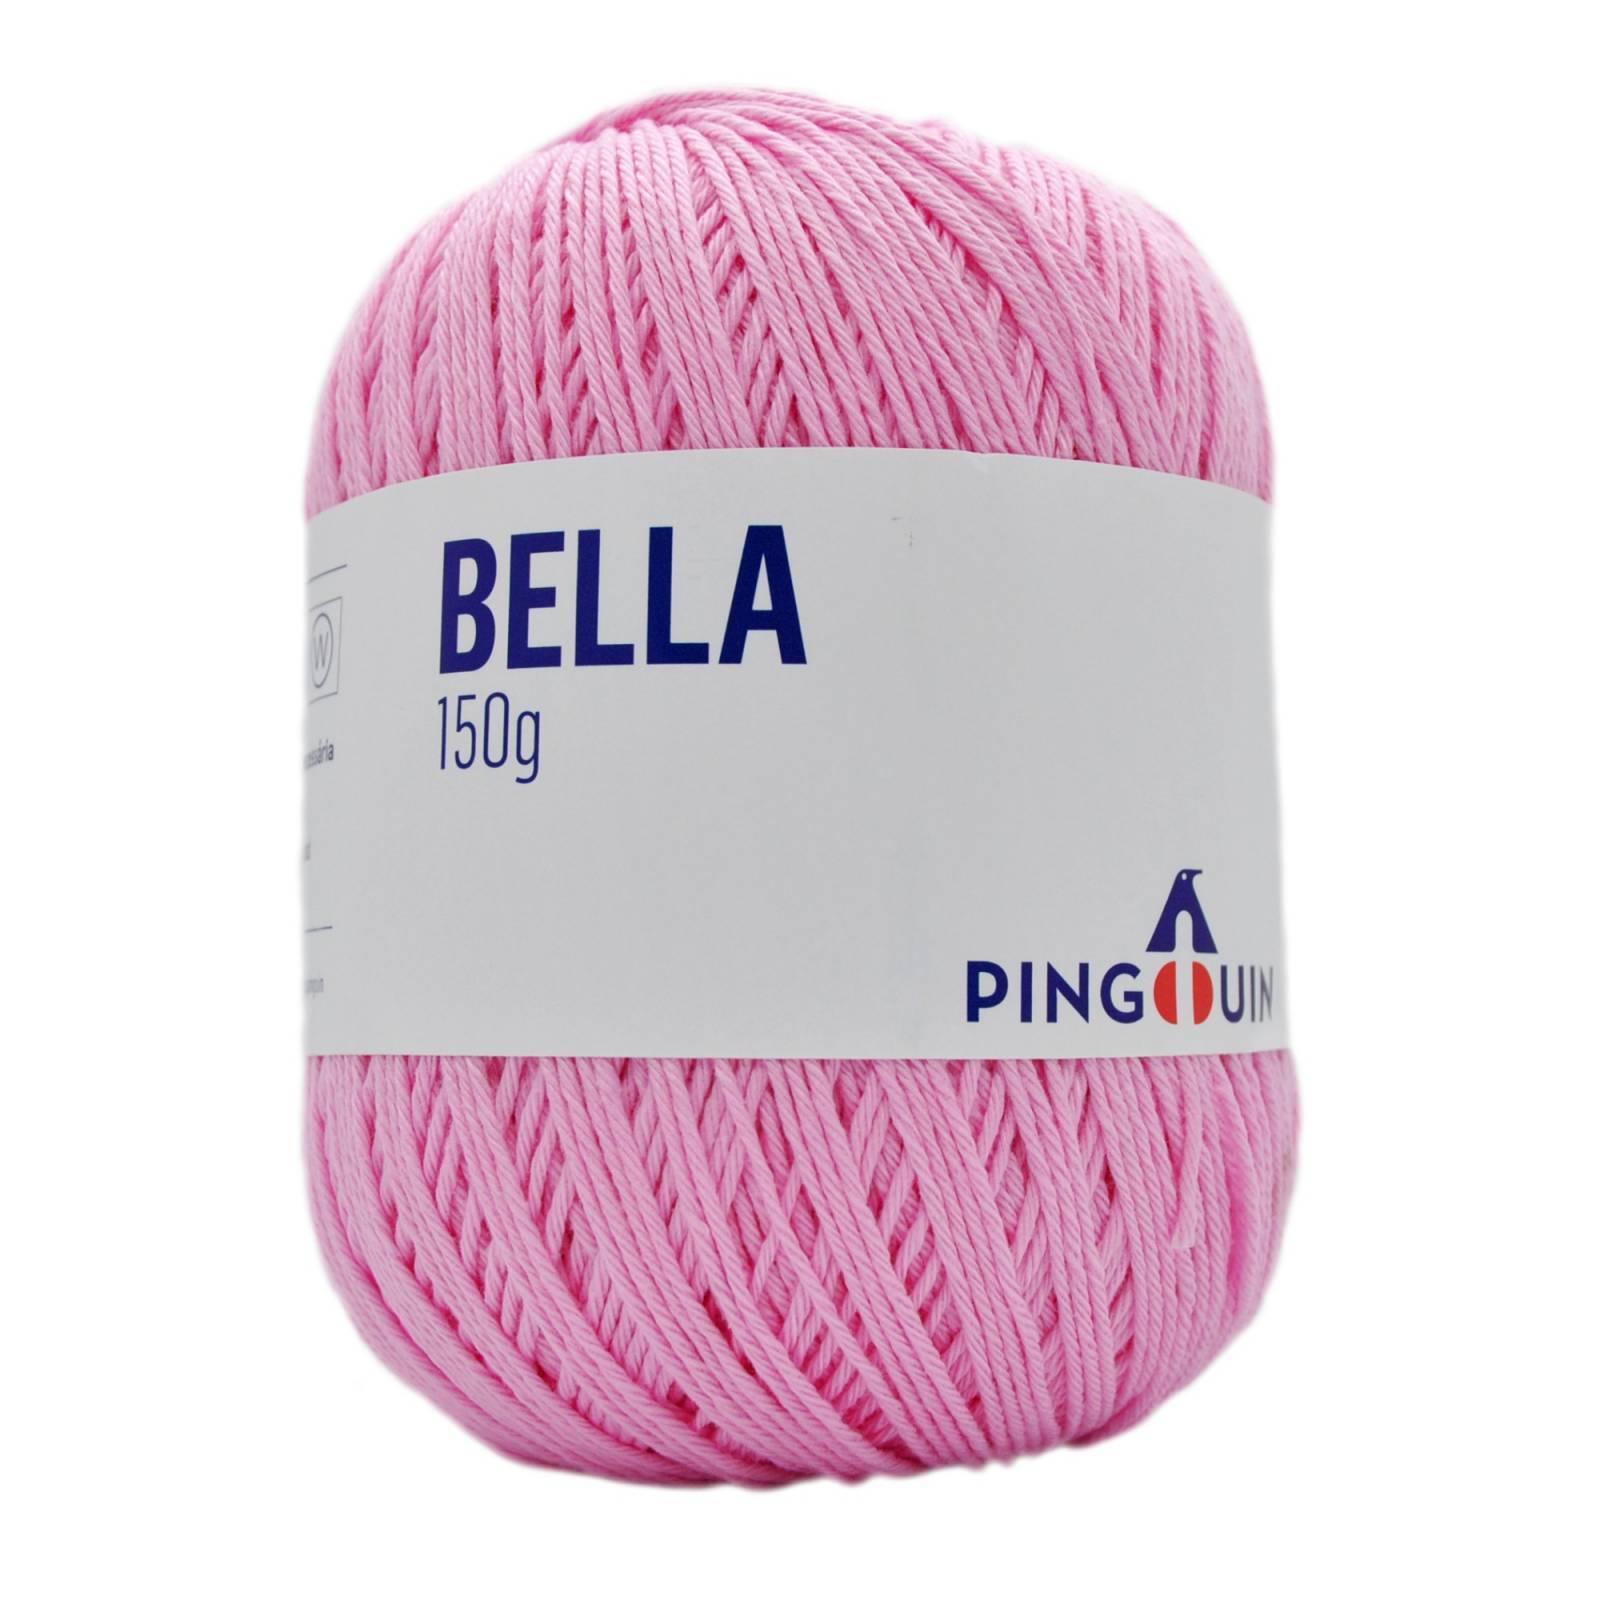 Fio Bella 1352 barbie - BAÚ DA VOVÓ